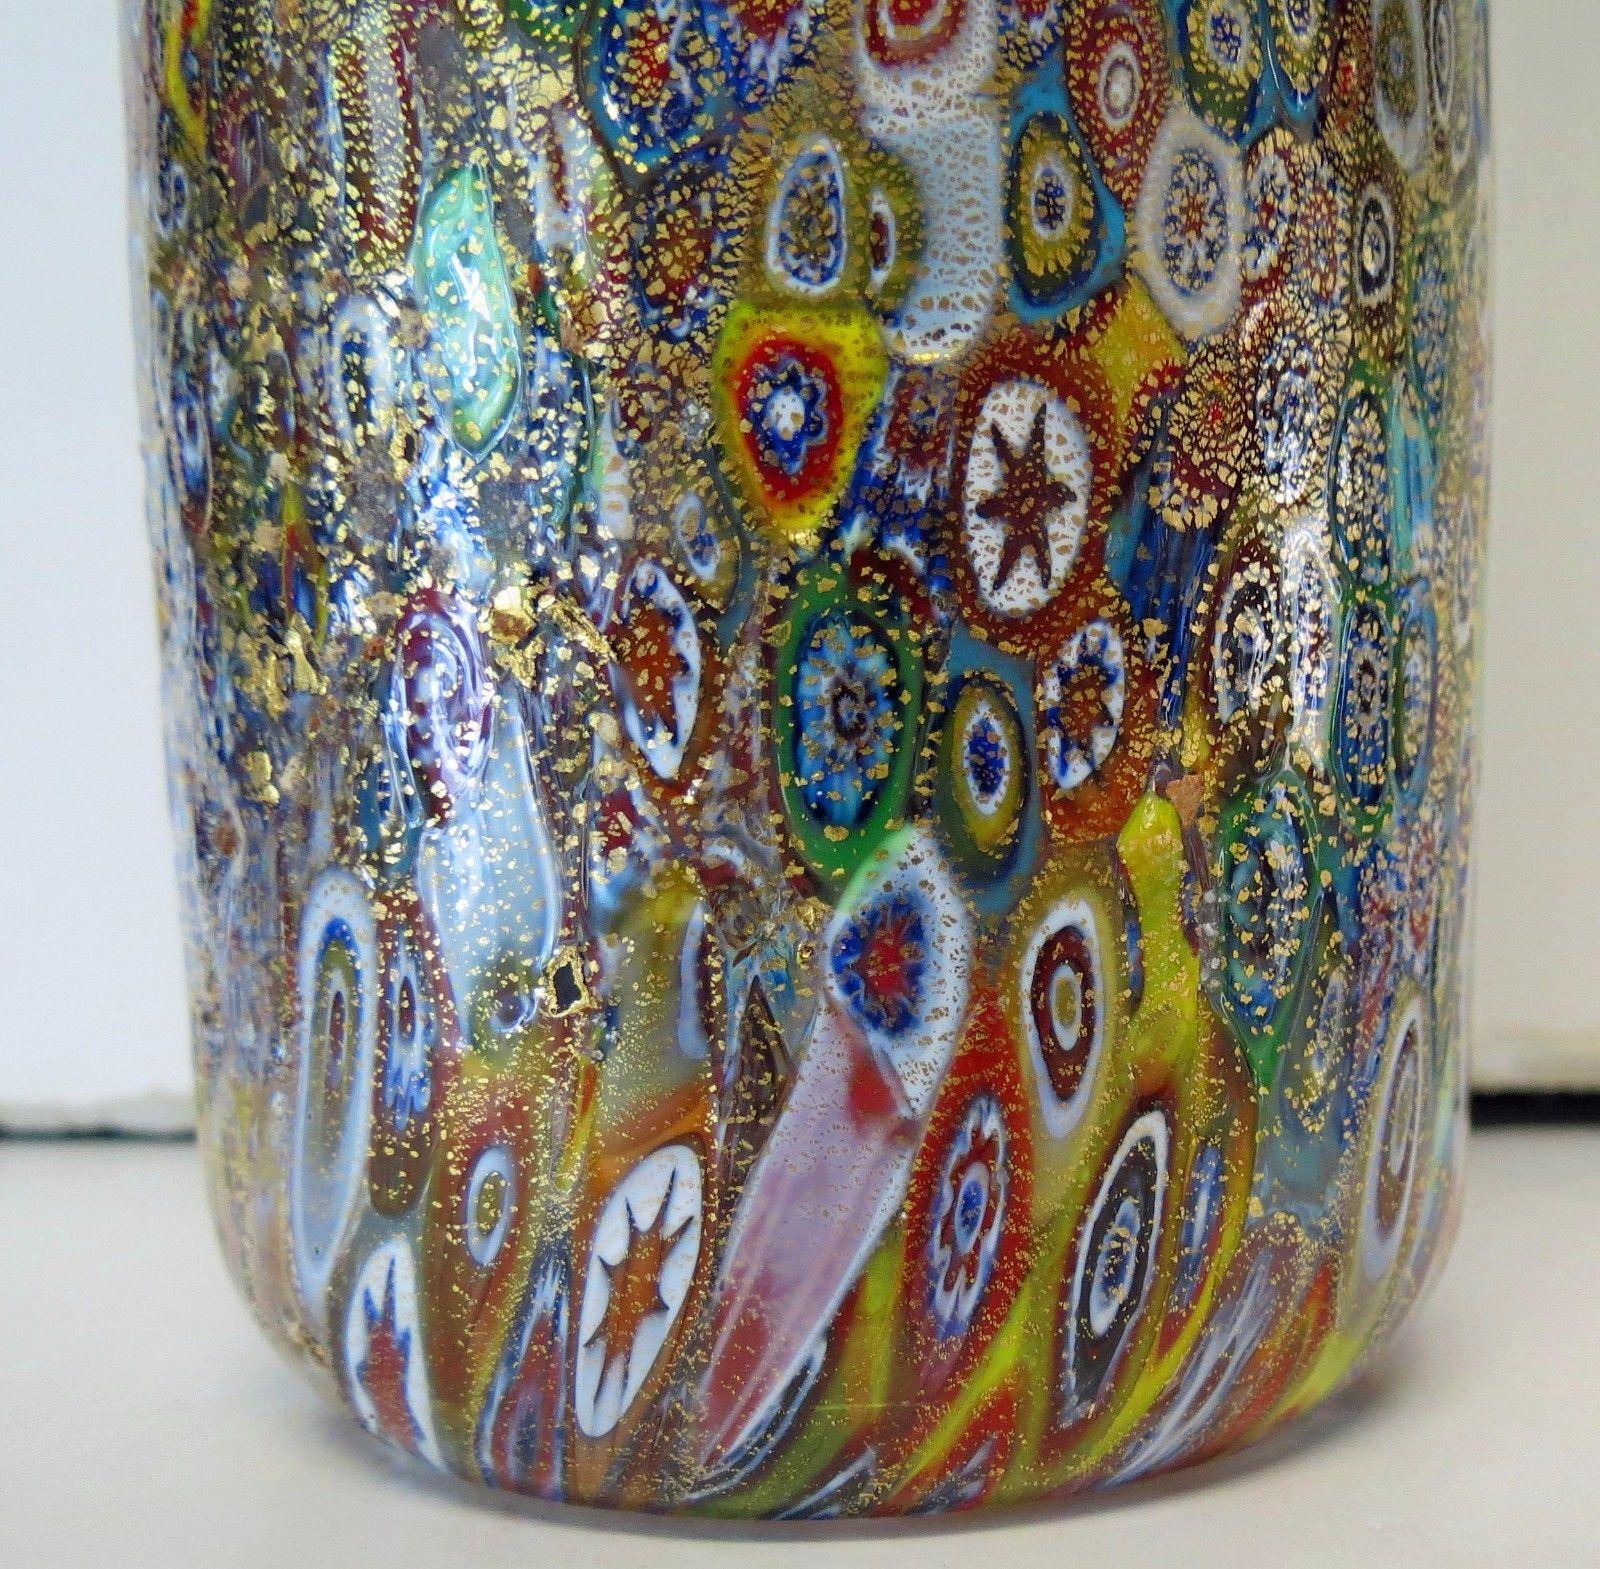 イタリアのヴェネチア製ベネチアングラス(ムラノガラス)の水差し